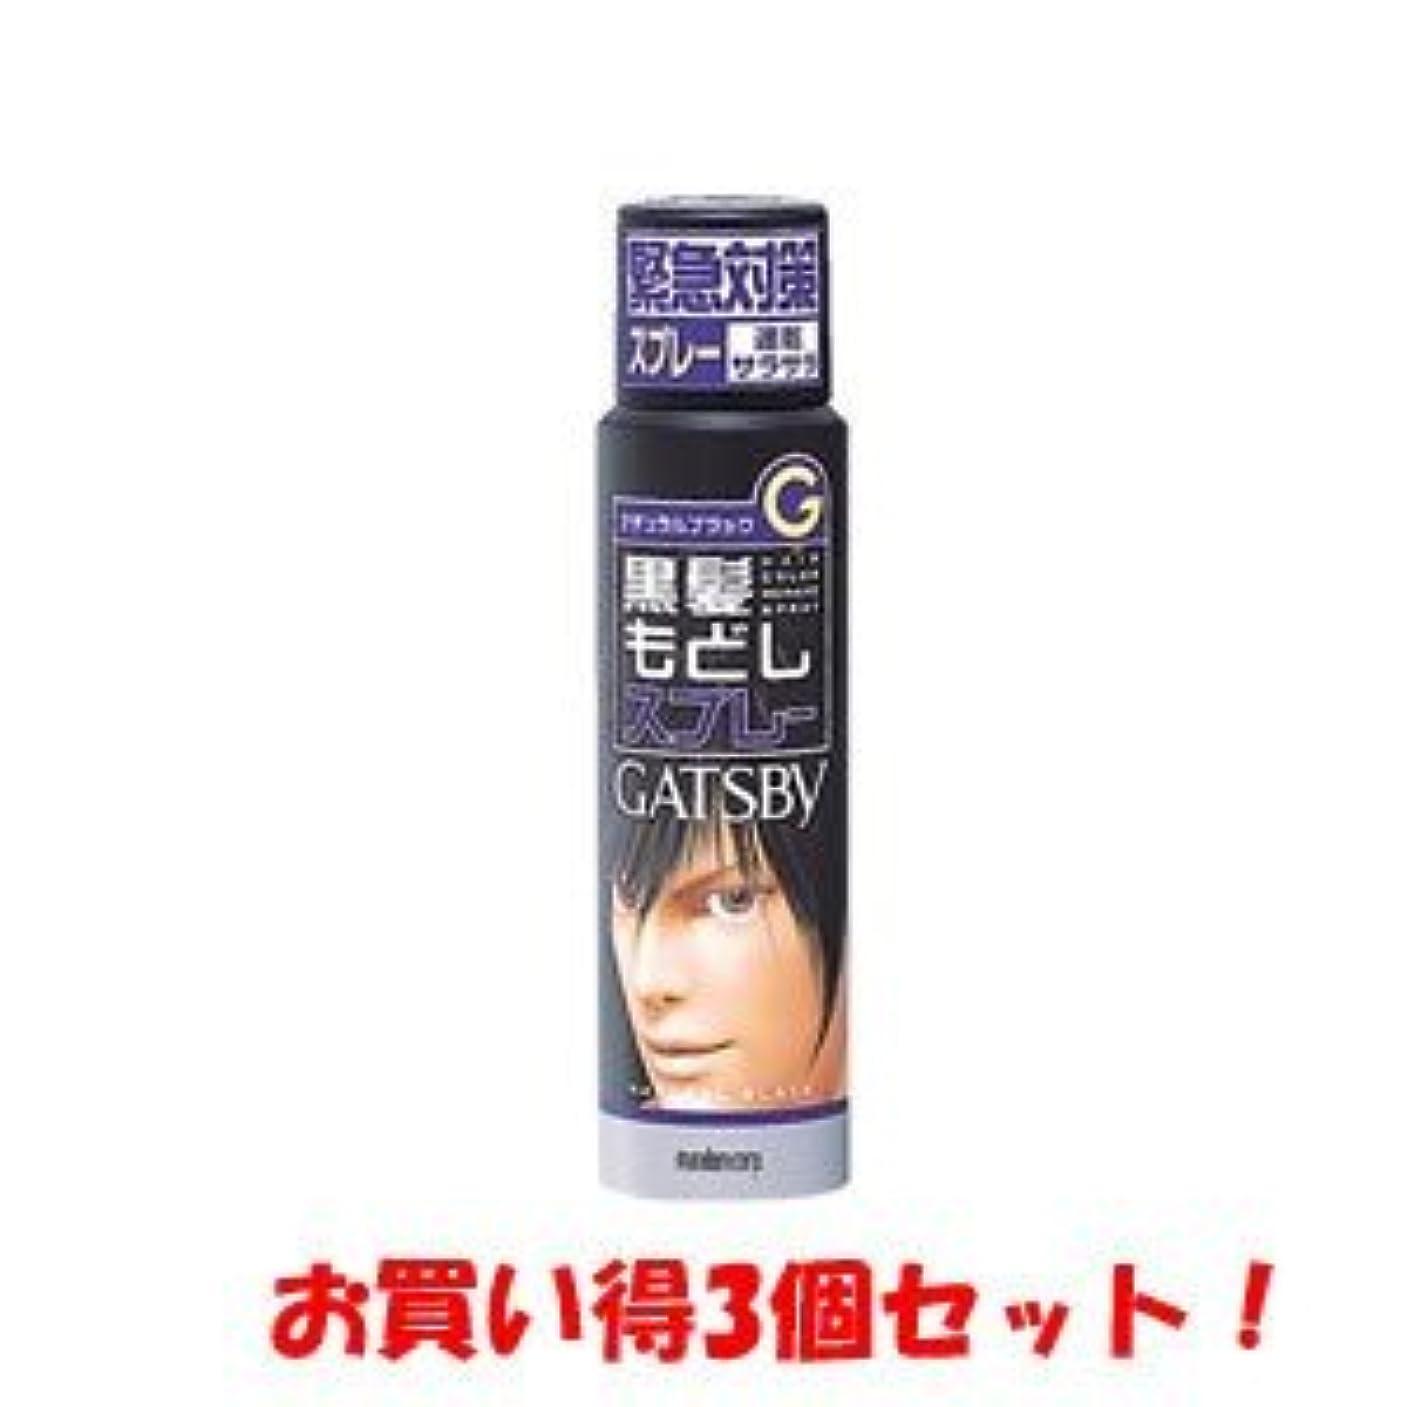 セレナ天使伝説ギャツビー【GATSBY】ターンカラースプレー ナチュラルブラック 60g(お買い得3個セット)